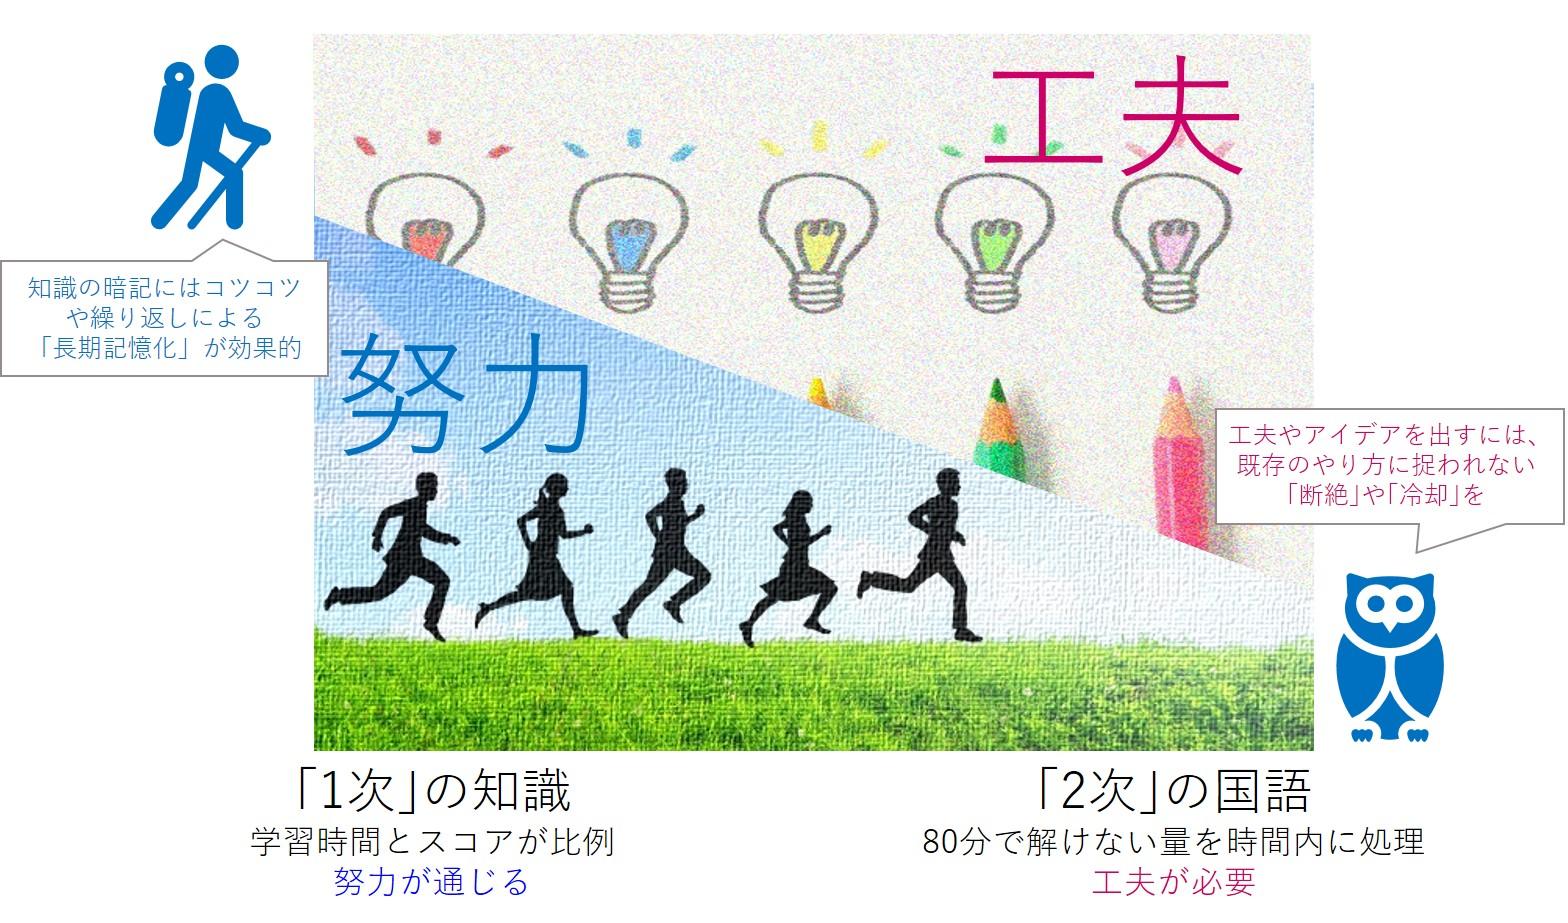 【発案】努力と工夫のリバランス (2年目上級生の250点確実合格)